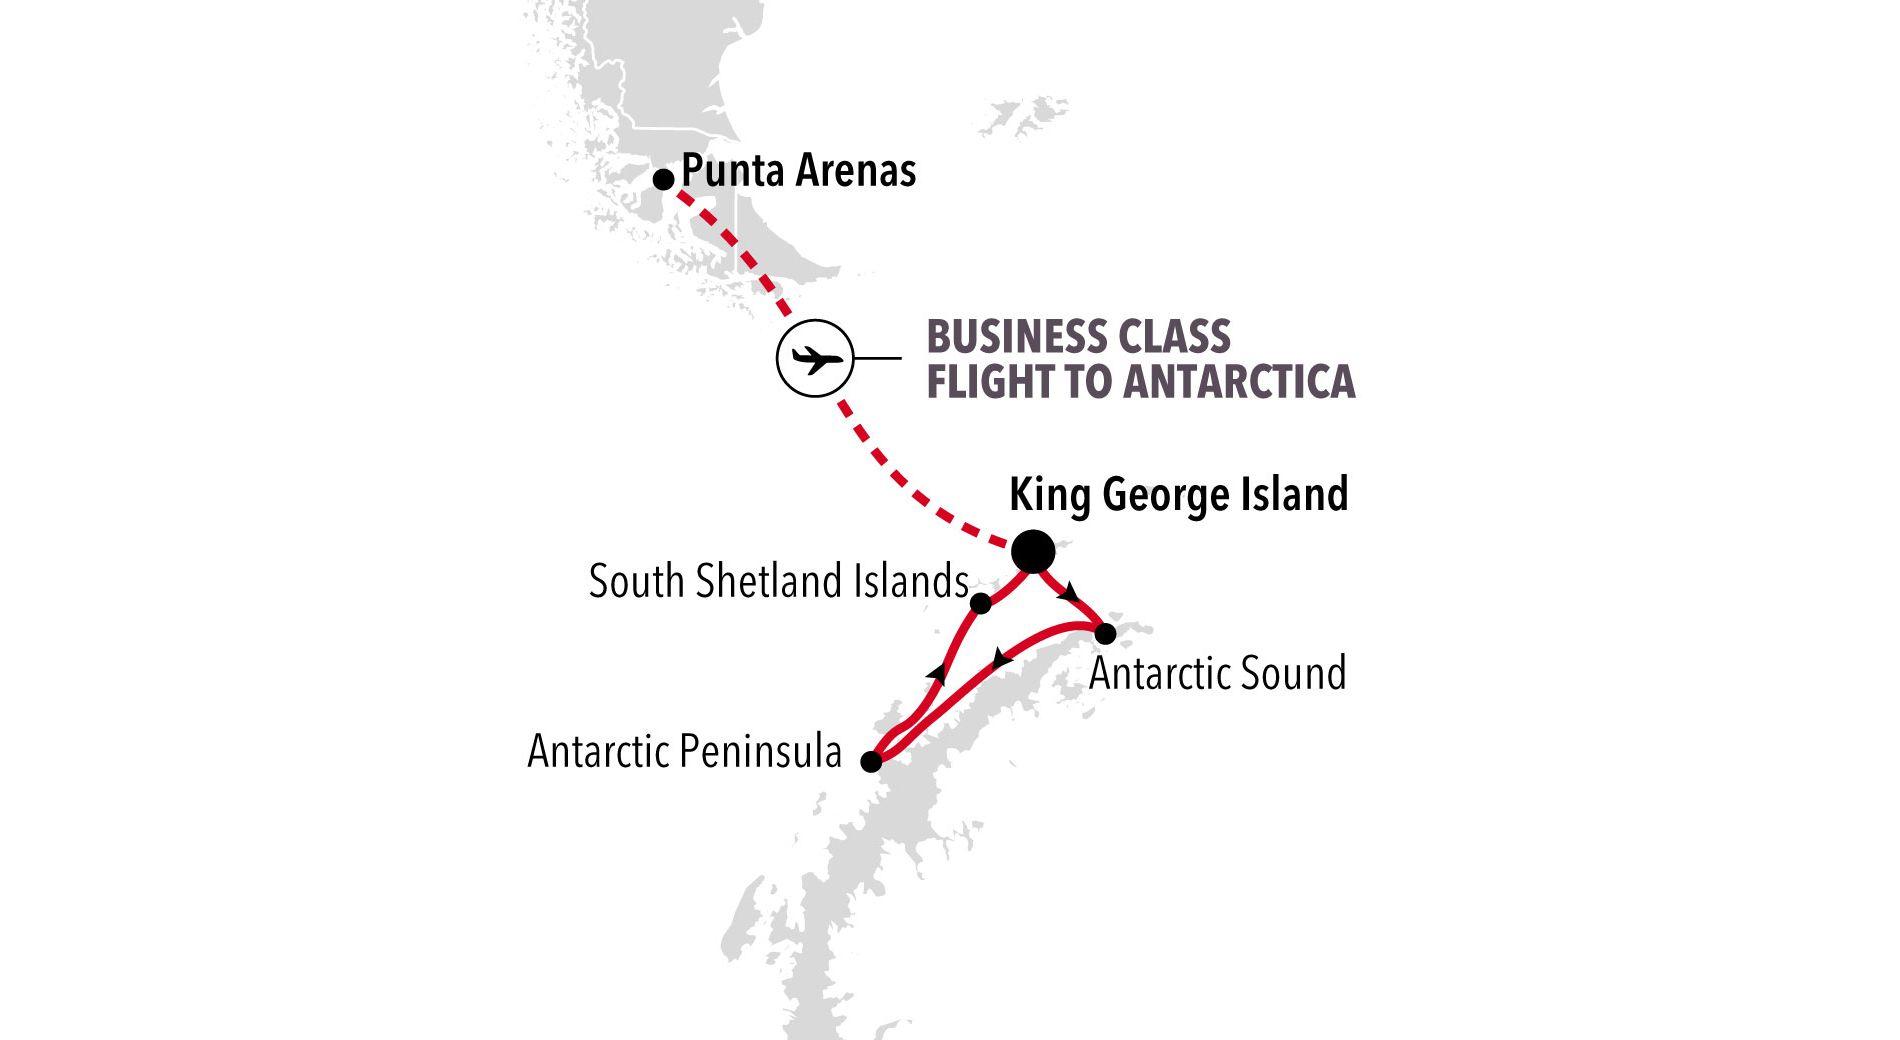 E1220118006 - King George Island nach King George Island